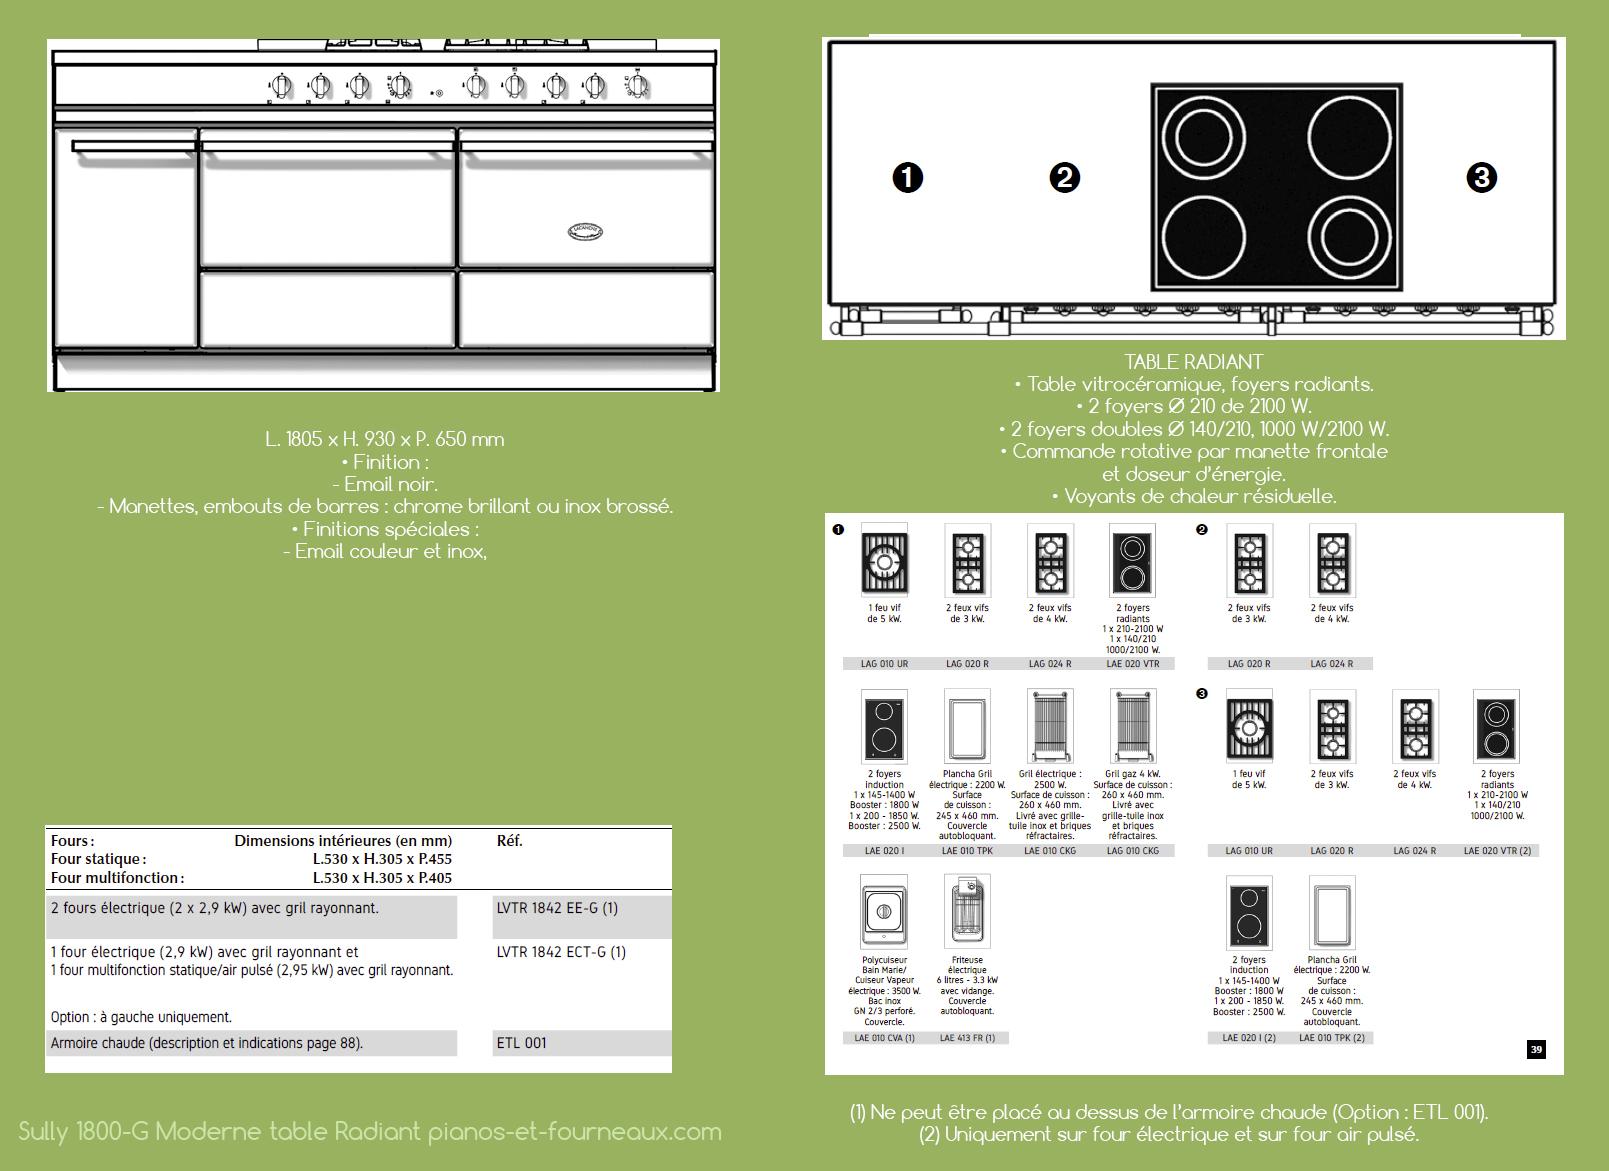 Sully 1800 G Moderne Radiant configurations possibles - pianos-et-fourneaux.com le spécialiste des pianos de cuisine et fourneaux de cuisson Lacanche